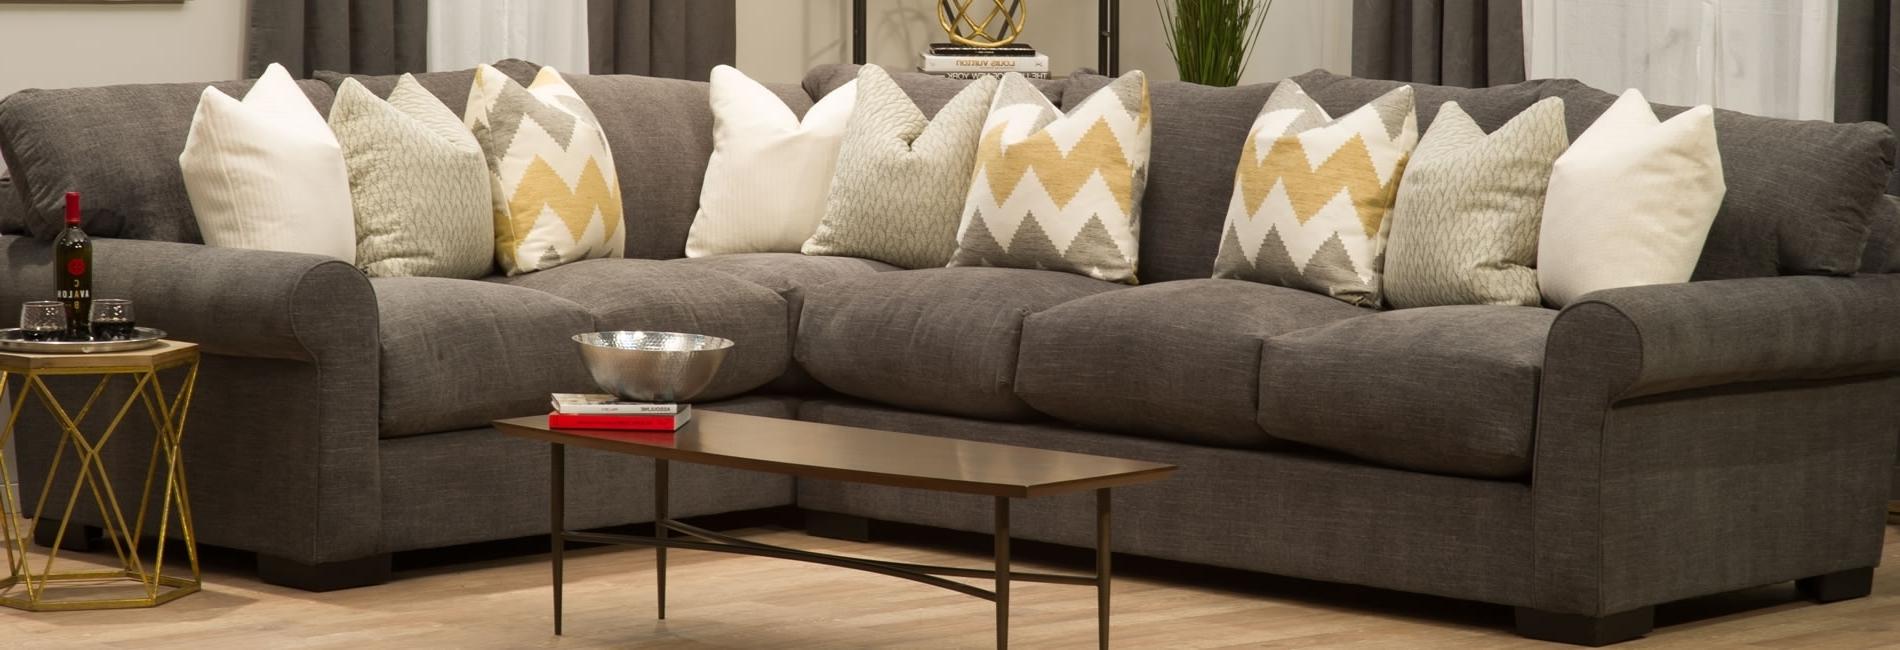 Recent Collection Sectional Sofas Atlanta Ga – Buildsimplehome With Sectional Sofas At Atlanta (View 11 of 15)